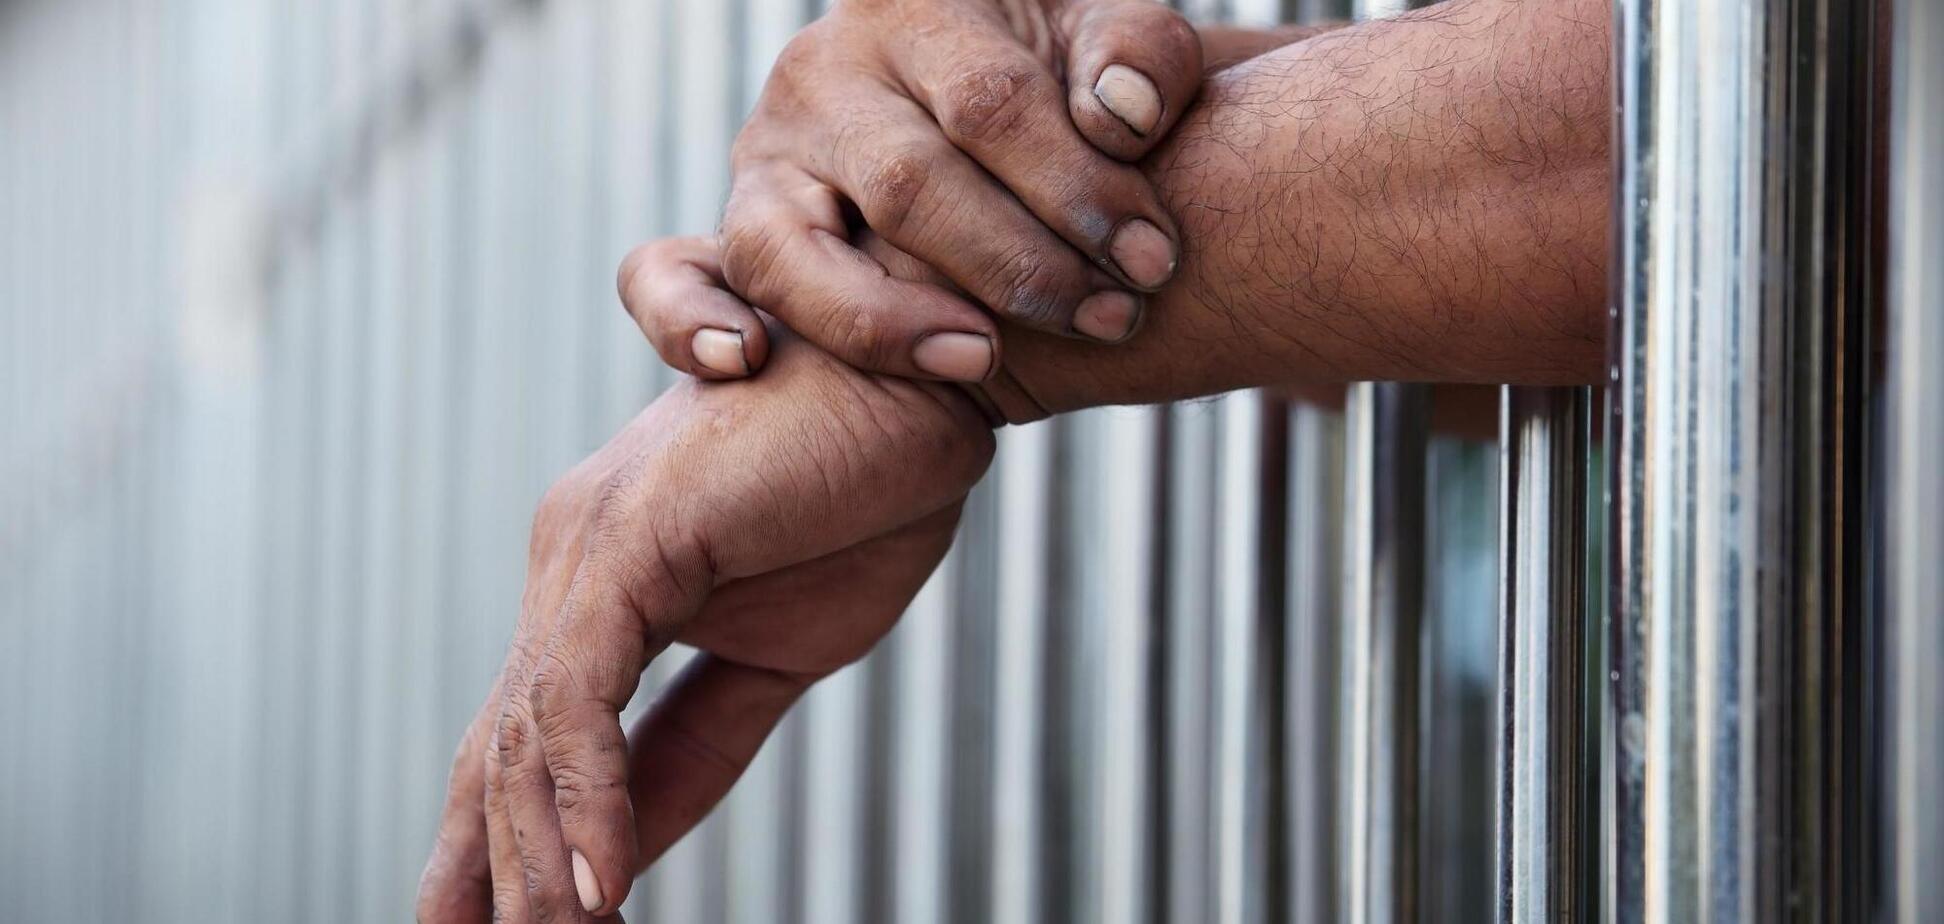 Под Днепром будут судить насильника 13-летнего мальчика